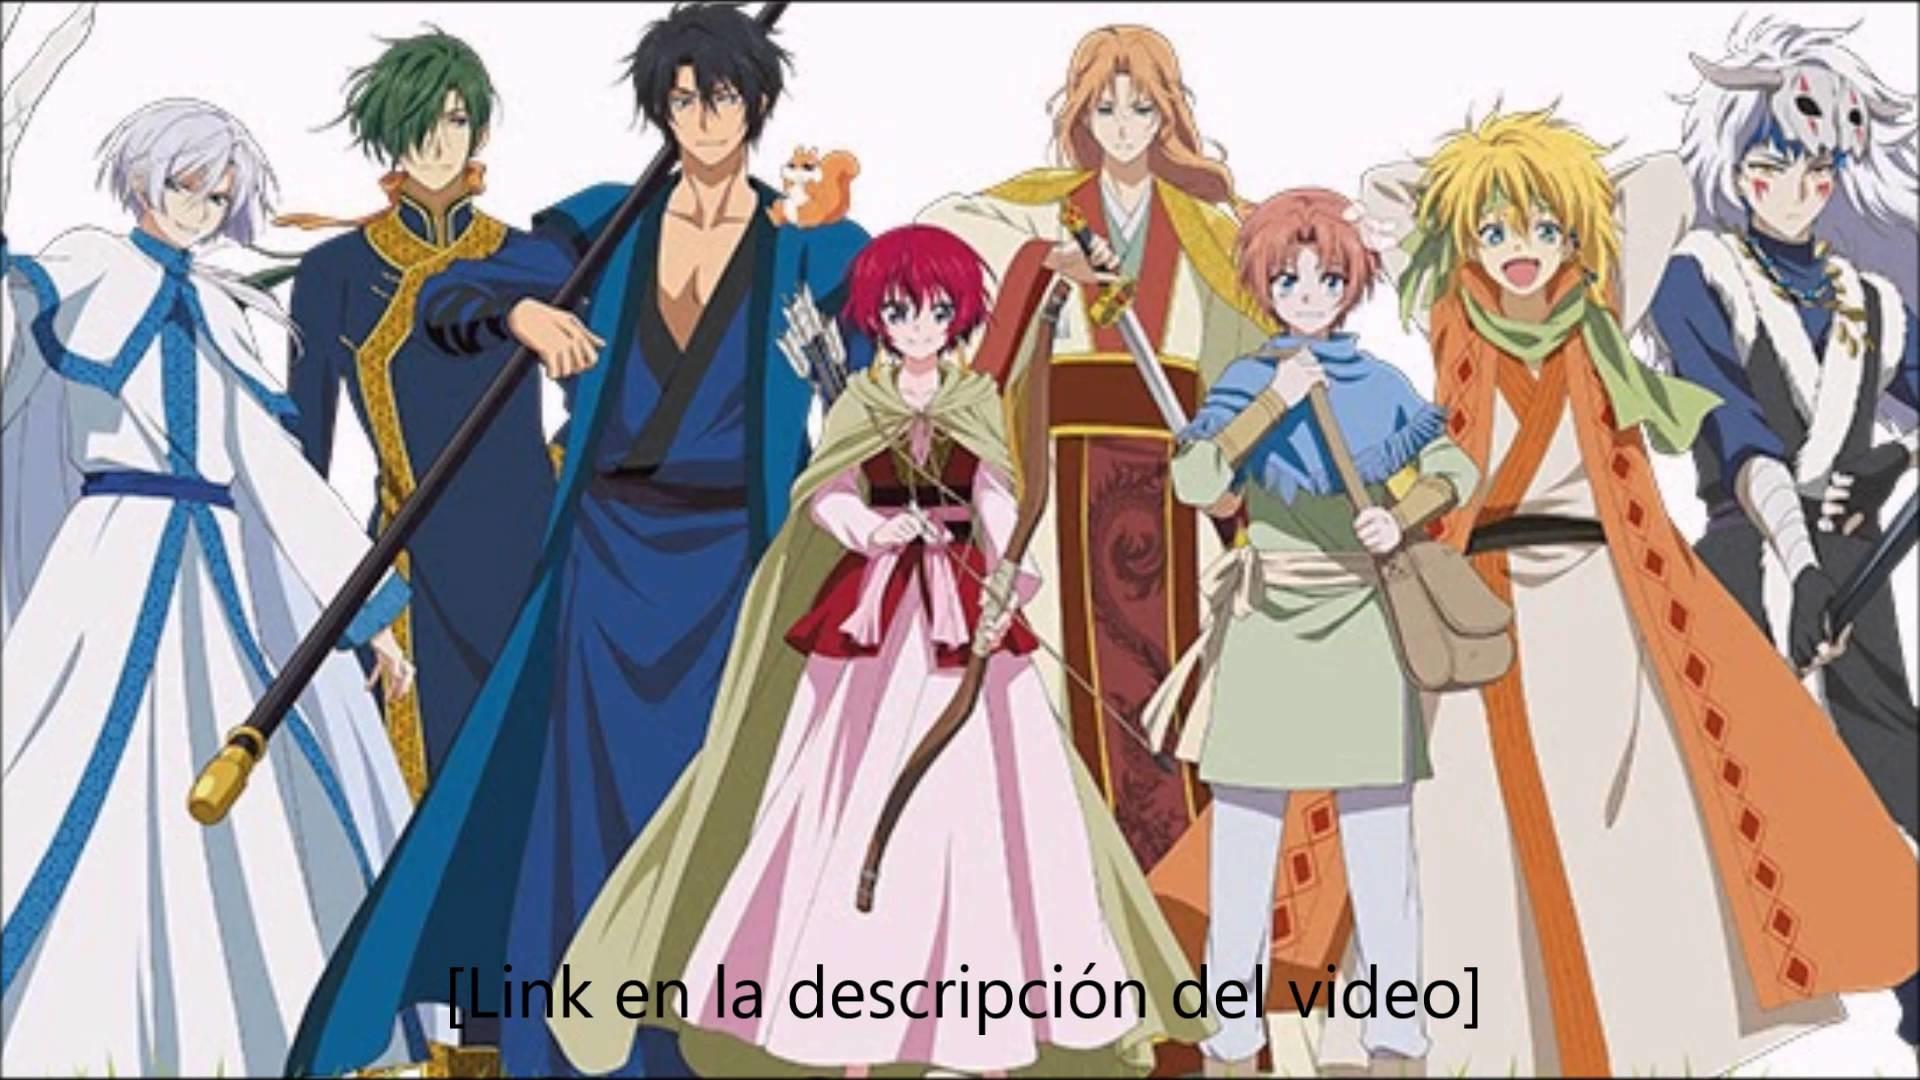 Descargar Akatsuki no Yona (24/24) [MEGA] -Anime Descargas [MEGA] – YouTube